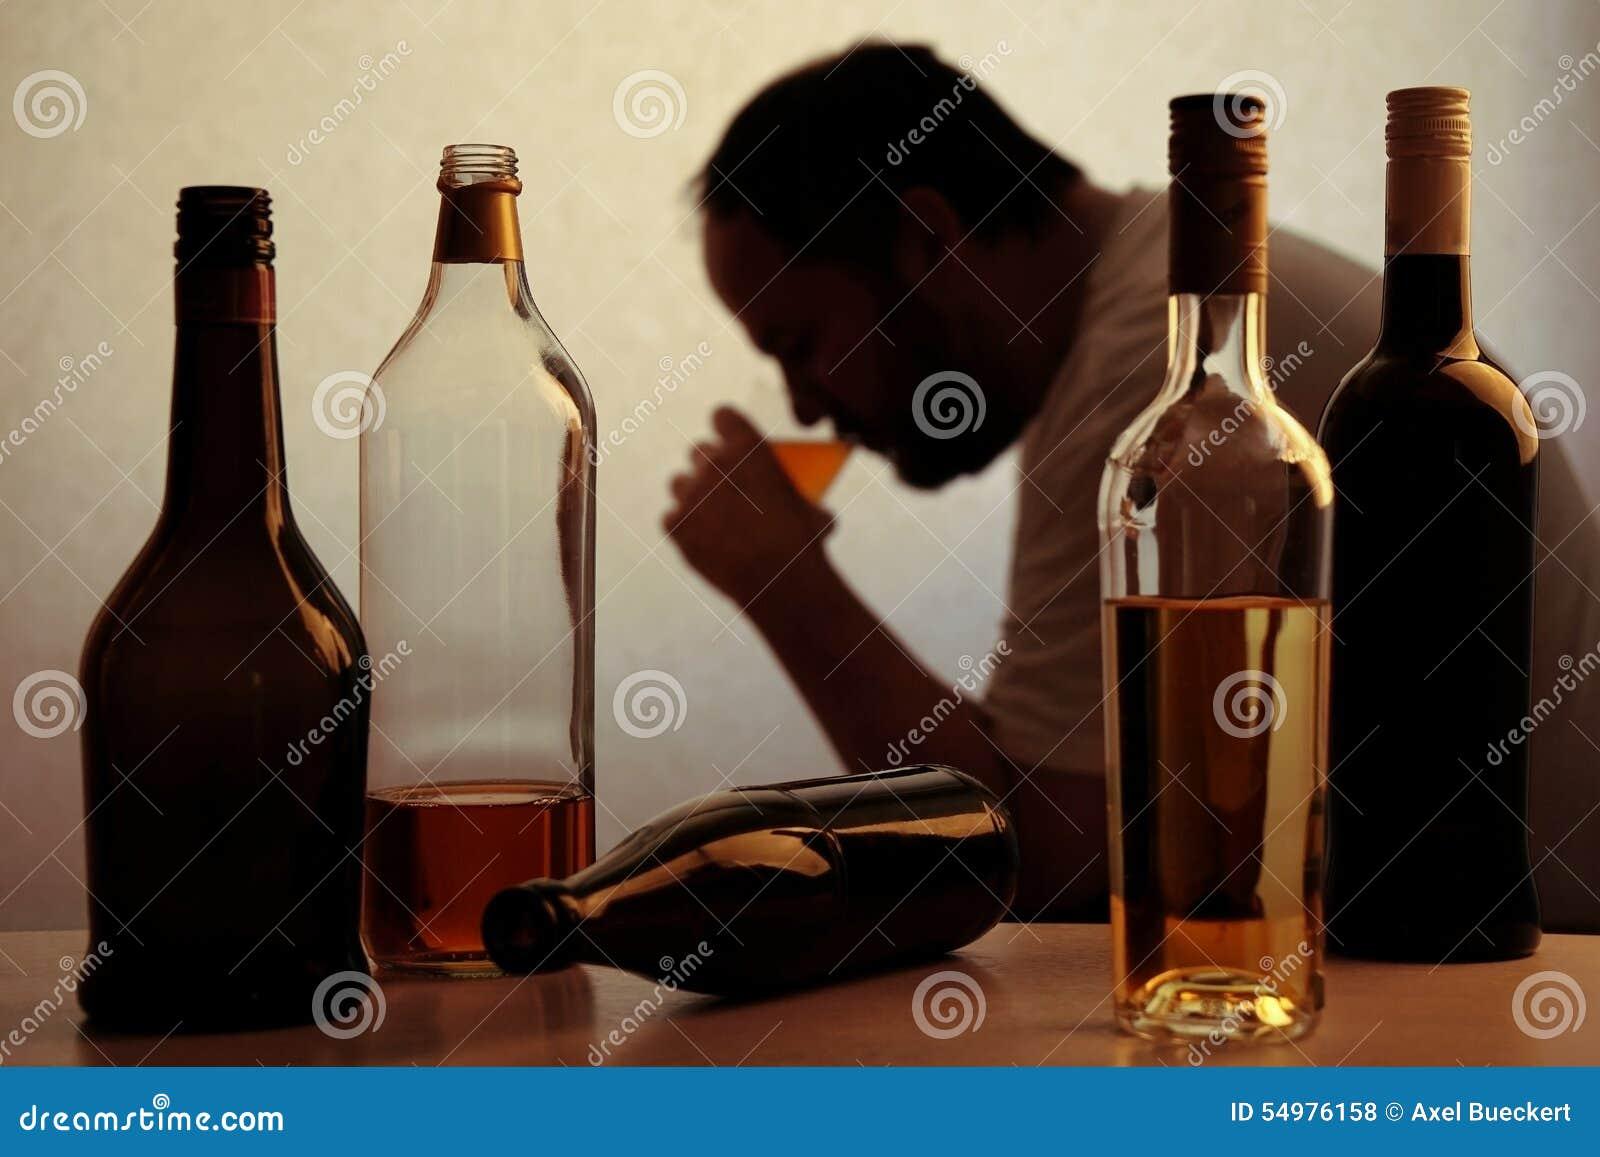 Alcohol het drinken probleem